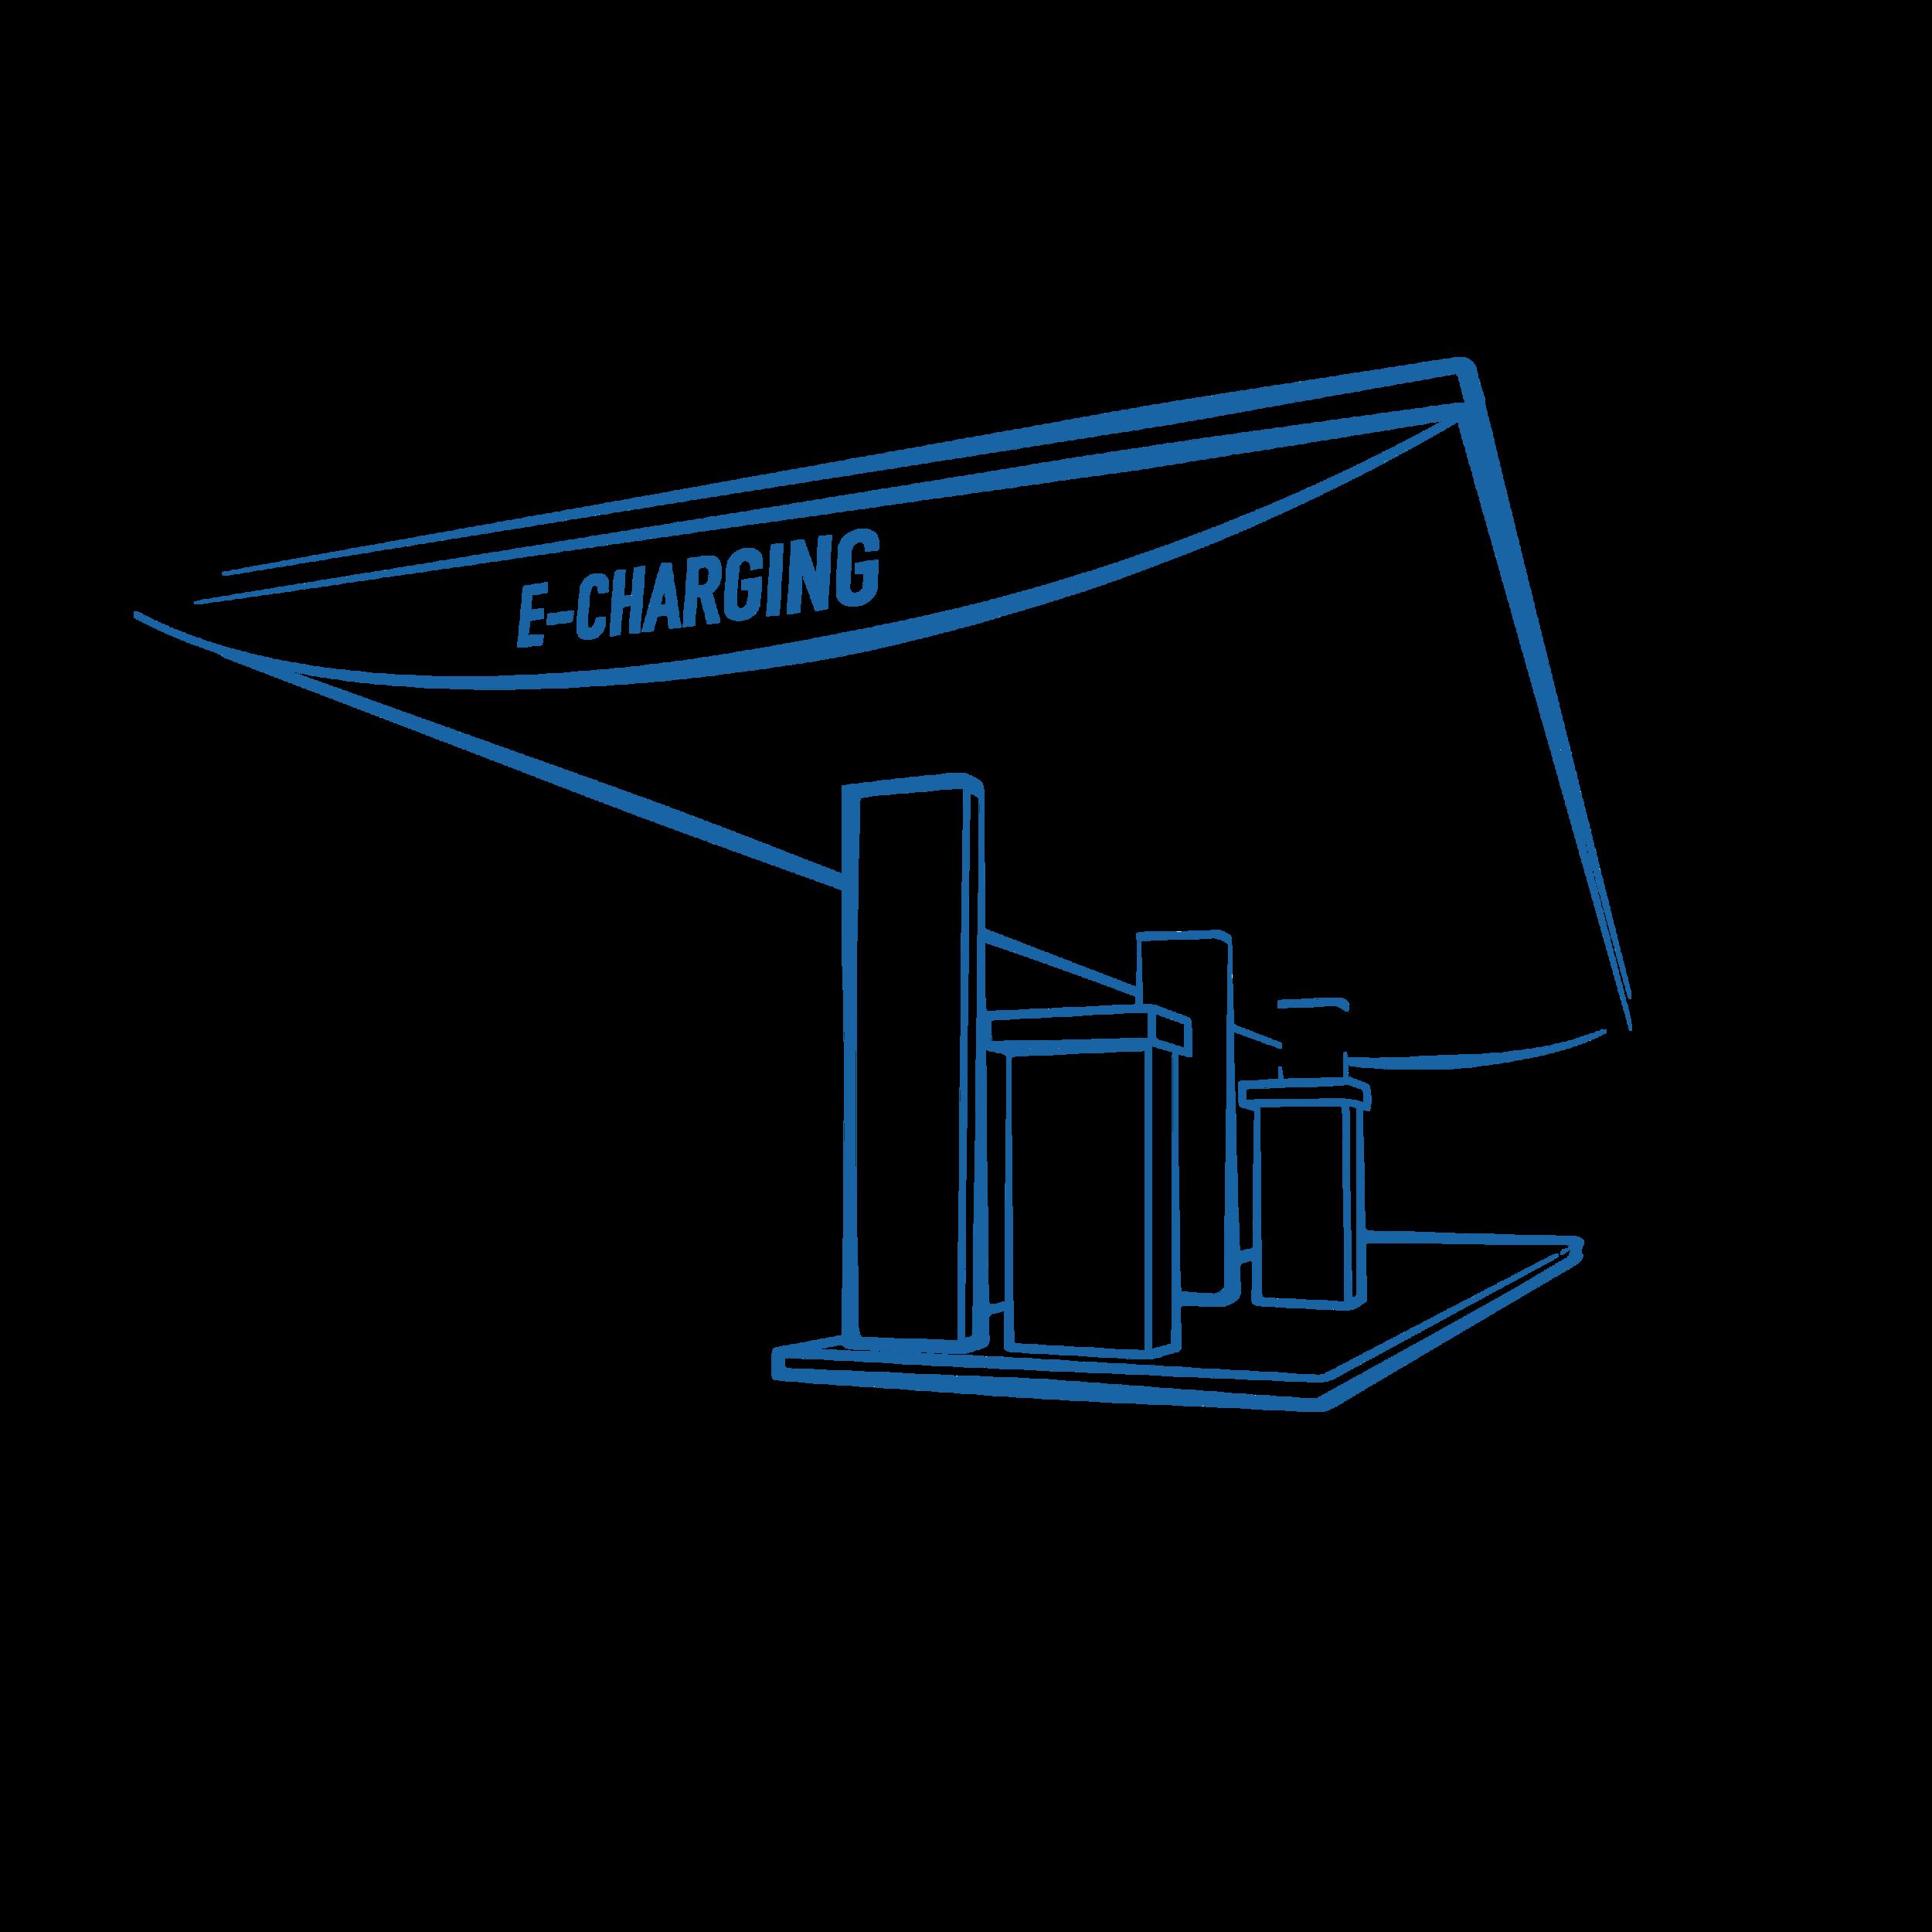 Rocsys-asset-optimization-blue.png